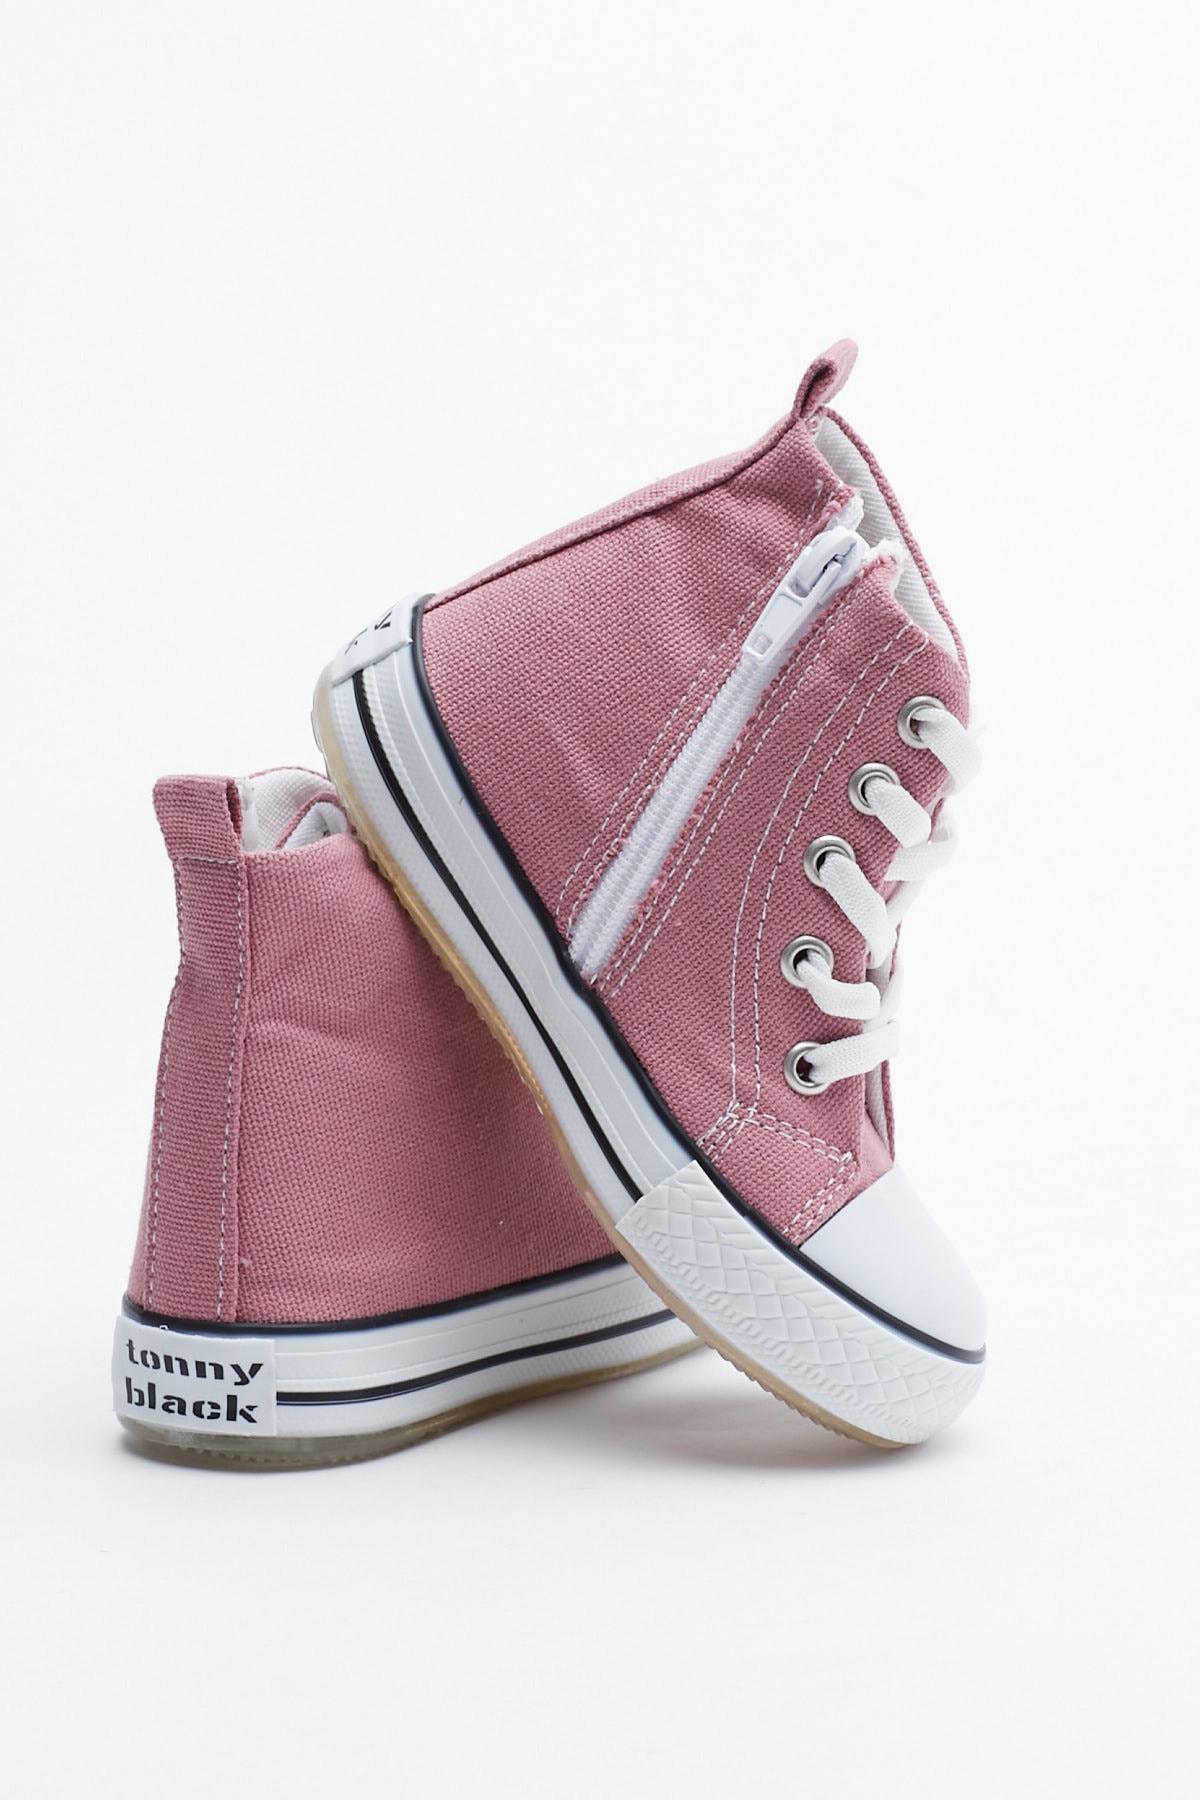 Tonny Black Mor Çocuk Spor Ayakkabı Uzun Tb999 3